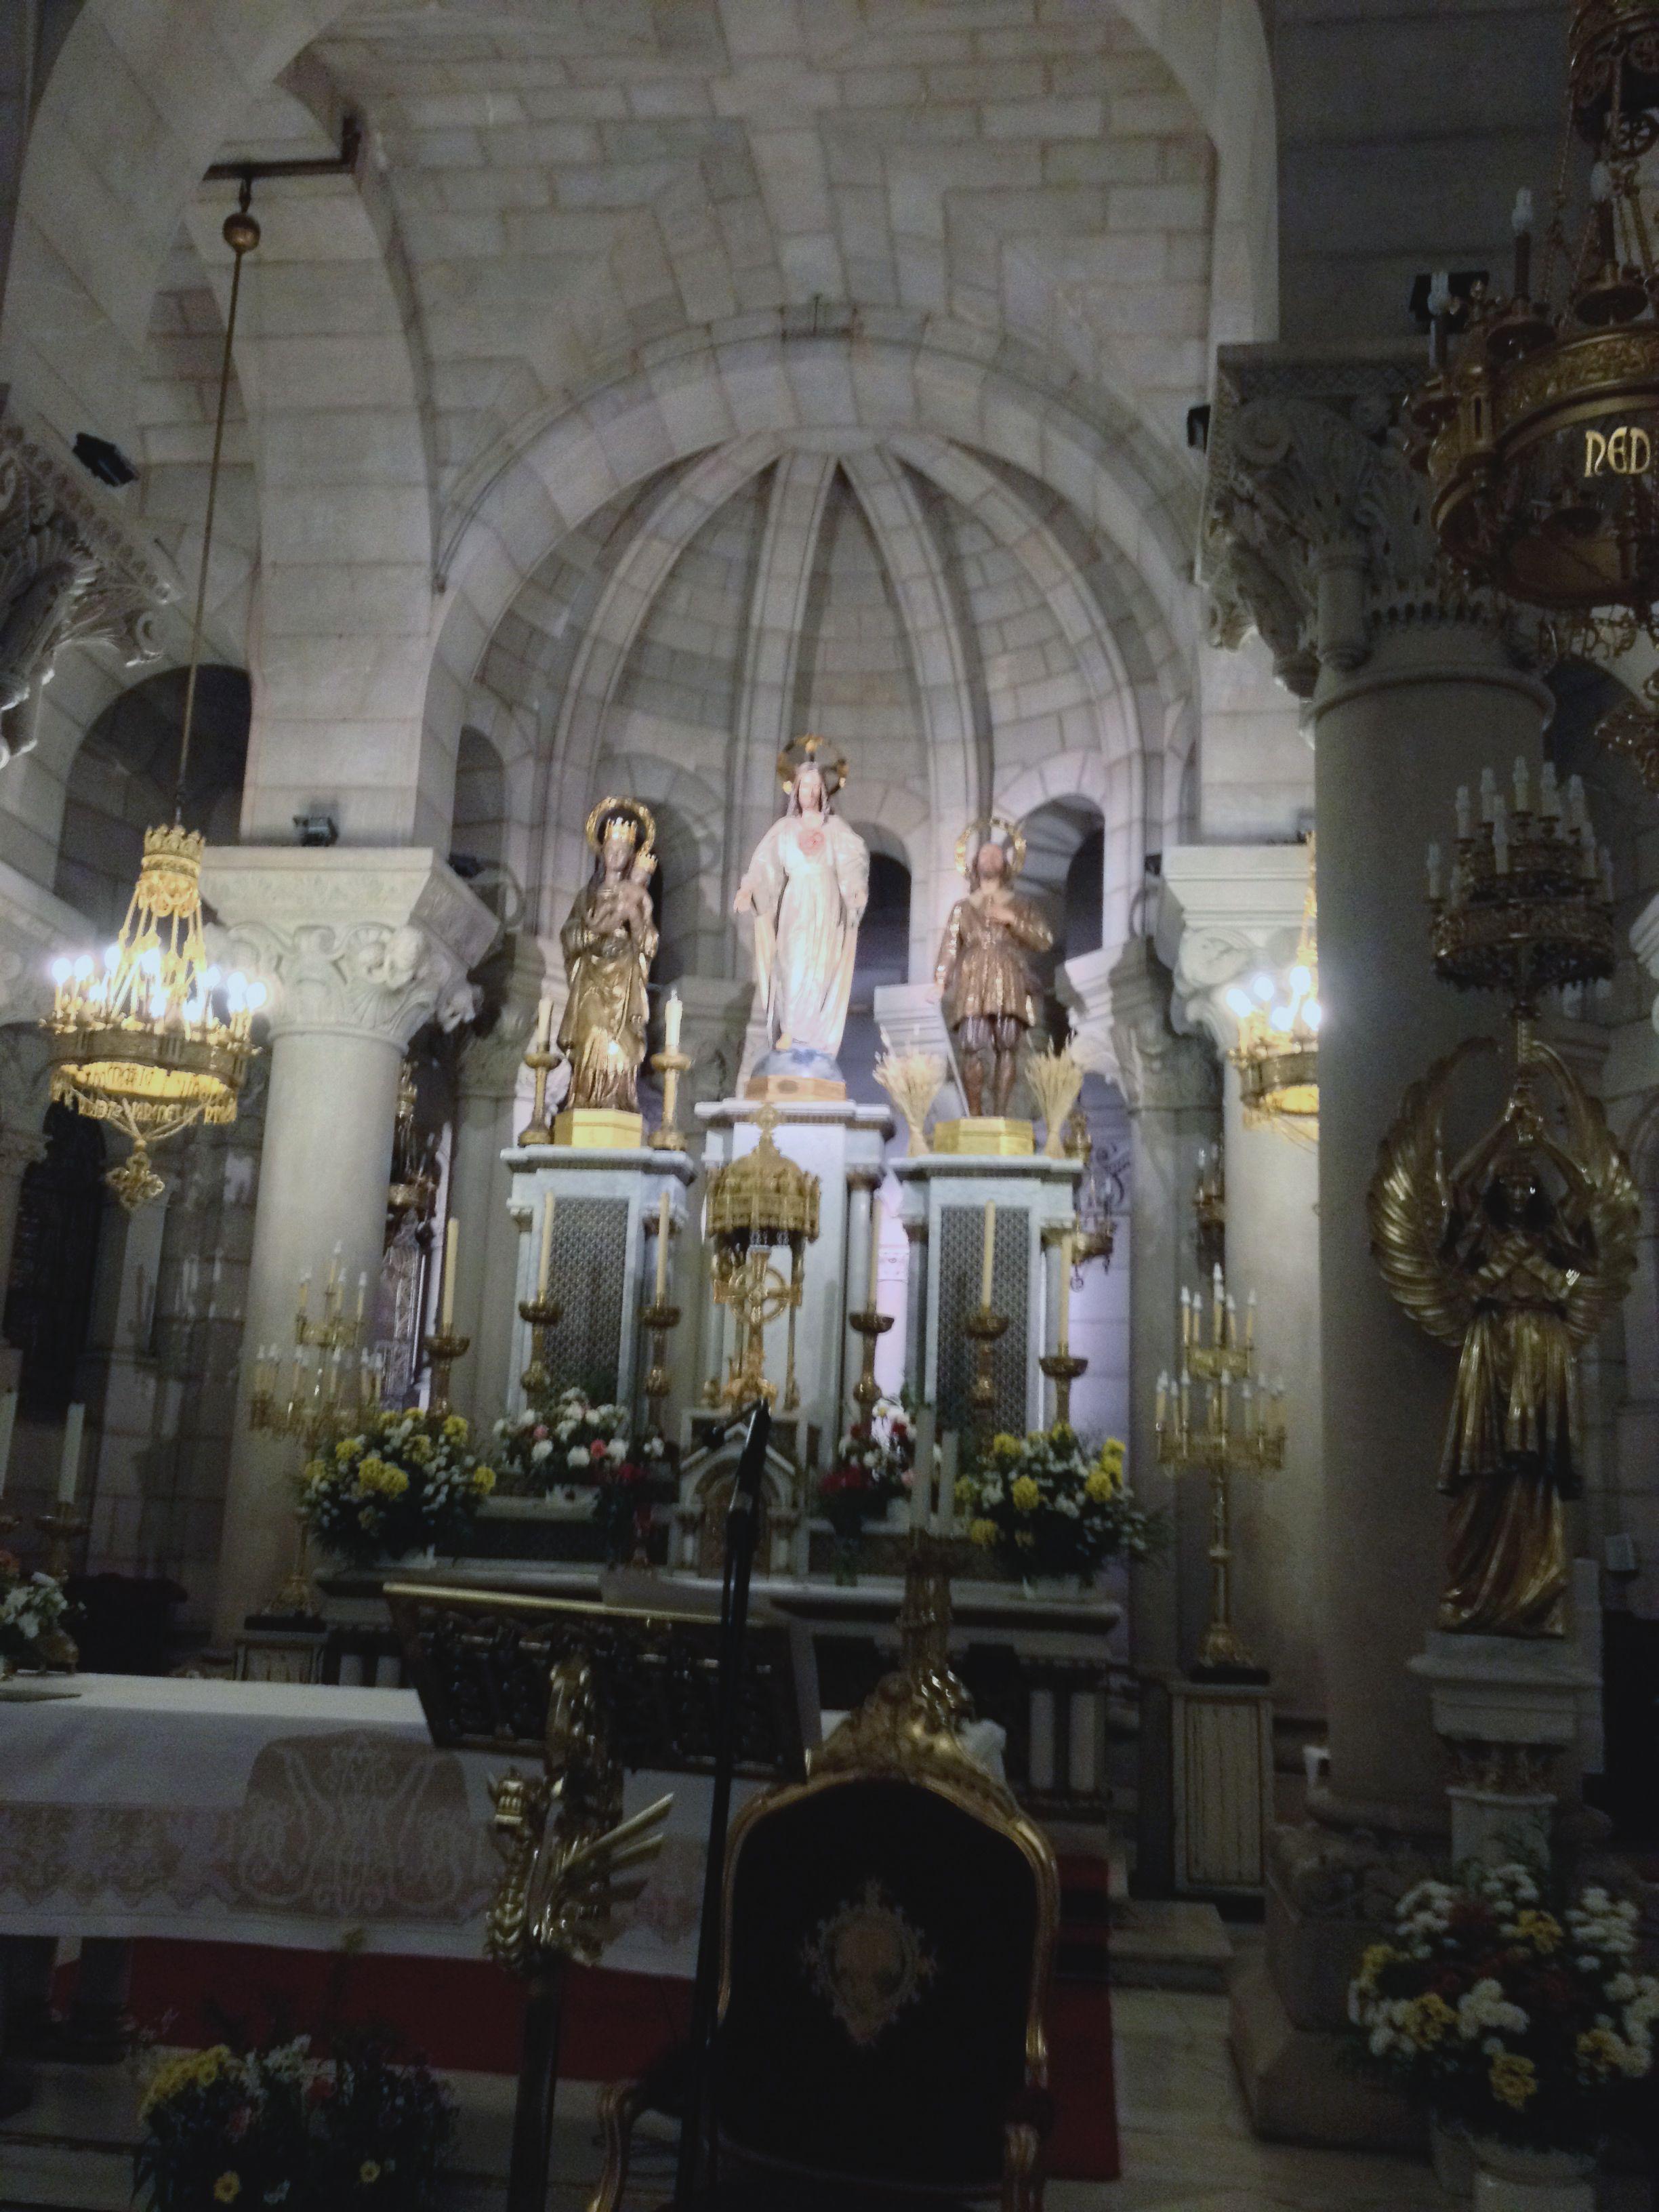 Sagrado Corazón De Jesús Altar Cripta De La Santa Iglesia Catedral De La Almudena C Mayor Dirección Santa Iglesia Iglesia Catedral Sagrado Corazon De Jesus